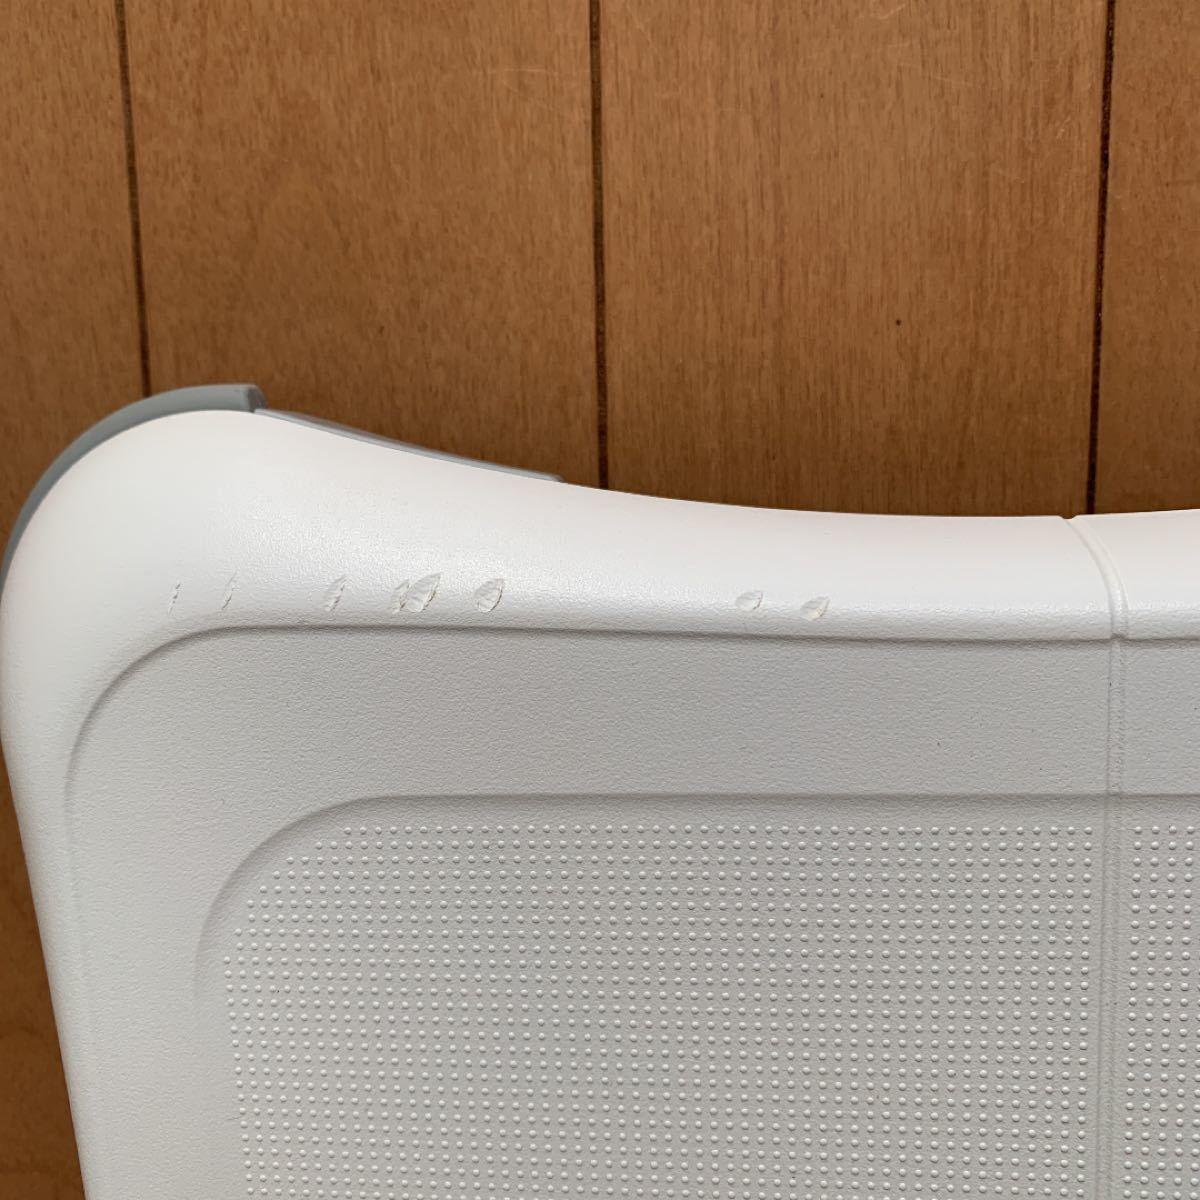 動作確認・簡易消毒済Wii Fit U(ウィーフィットユー)バランスWiiボードセット 任天堂